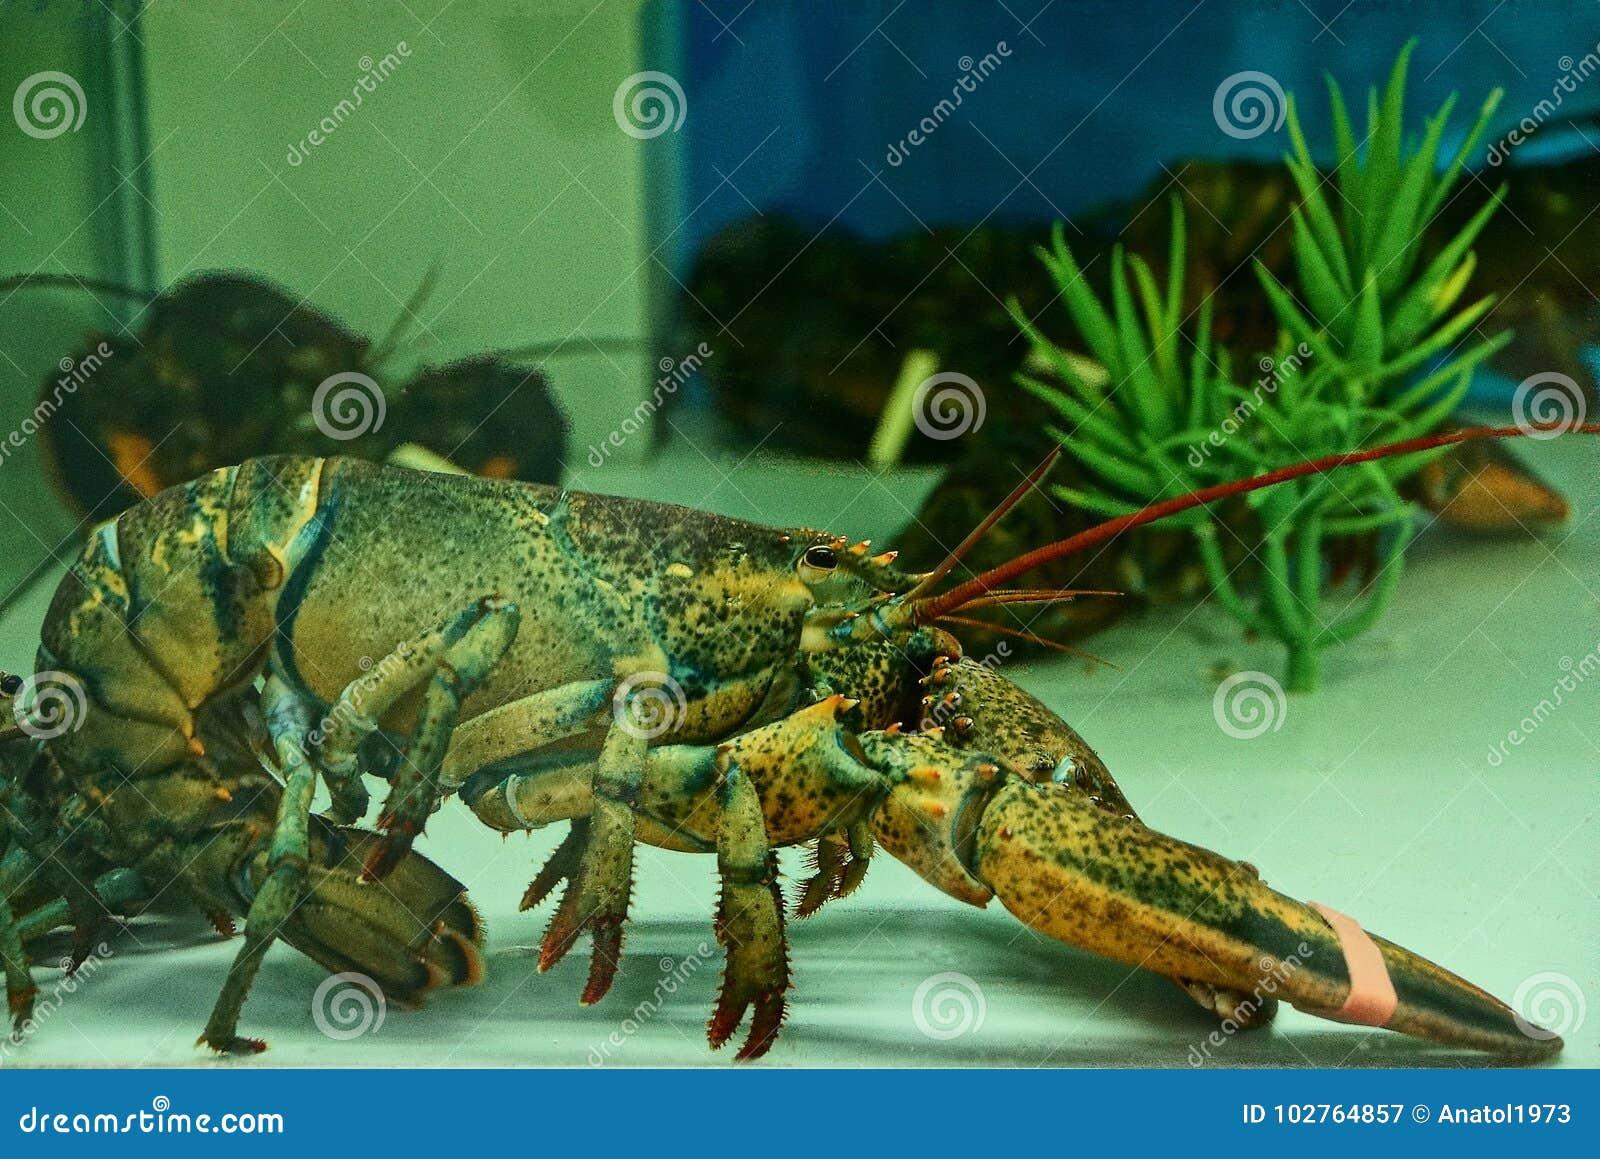 ¿Está prohibido comer animales domésticos en Europa? Langosta-viva-grande-en-el-agua-acuario-102764857